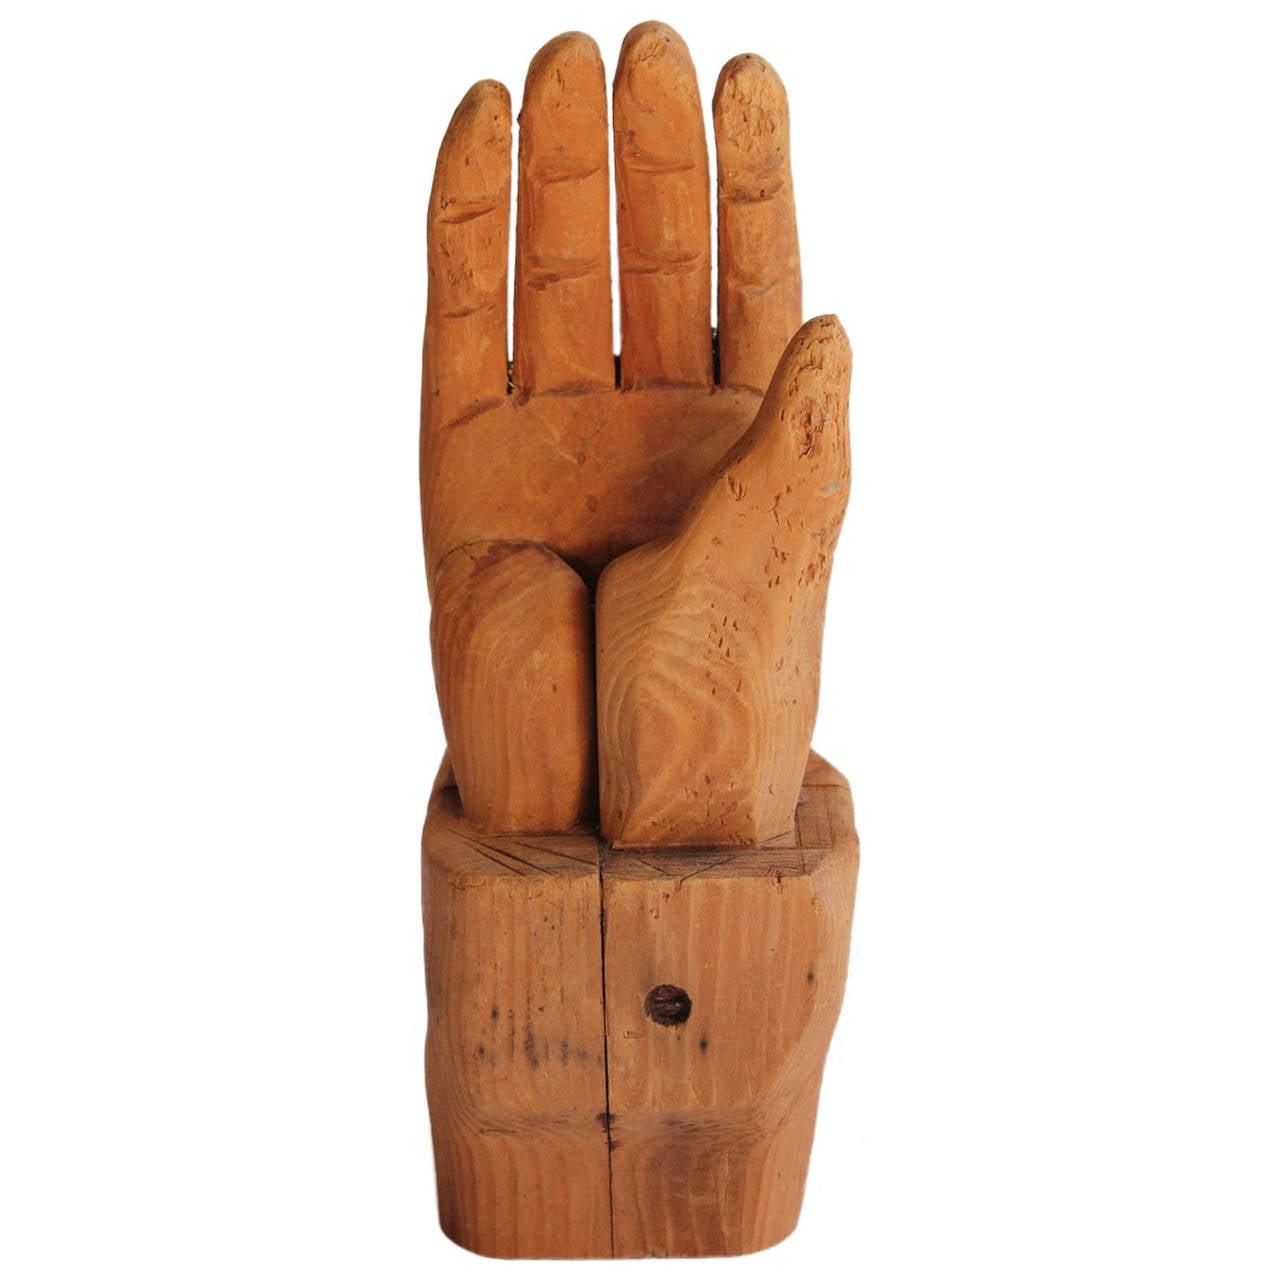 Antique folk art hand carved wood for sale at stdibs